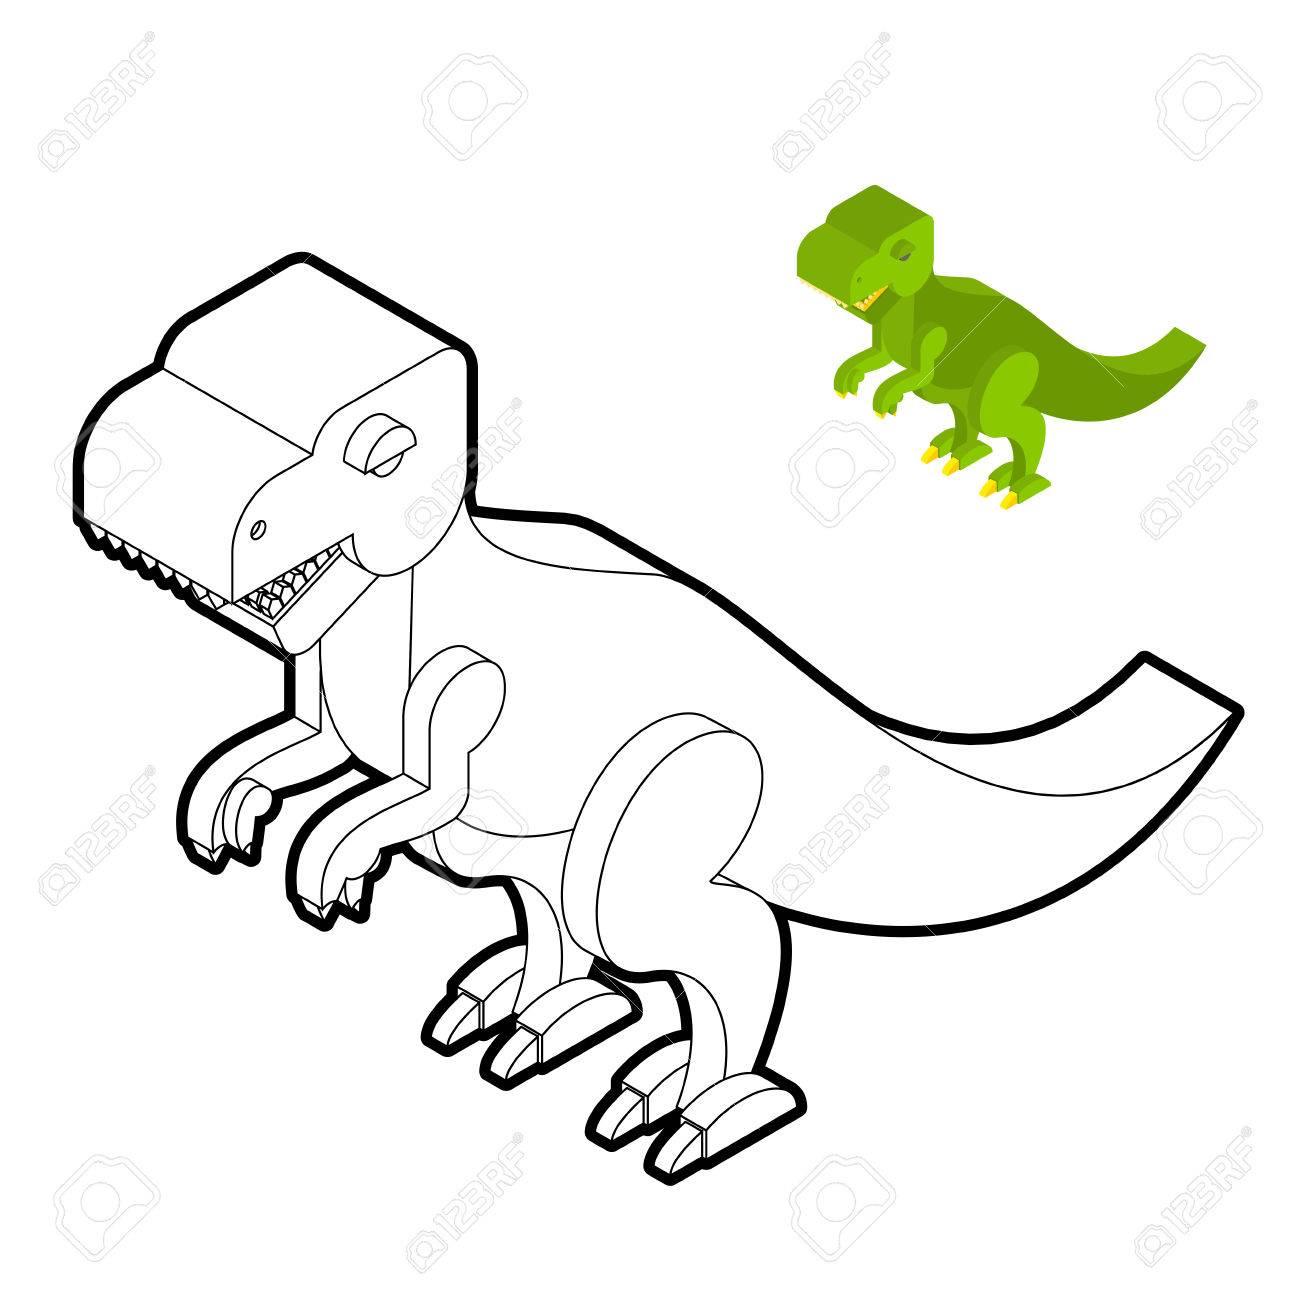 Livre Coloriage Dinosaure.Tyrannosaurus Livre De Coloriage Dinosaur Le Style Isometrique